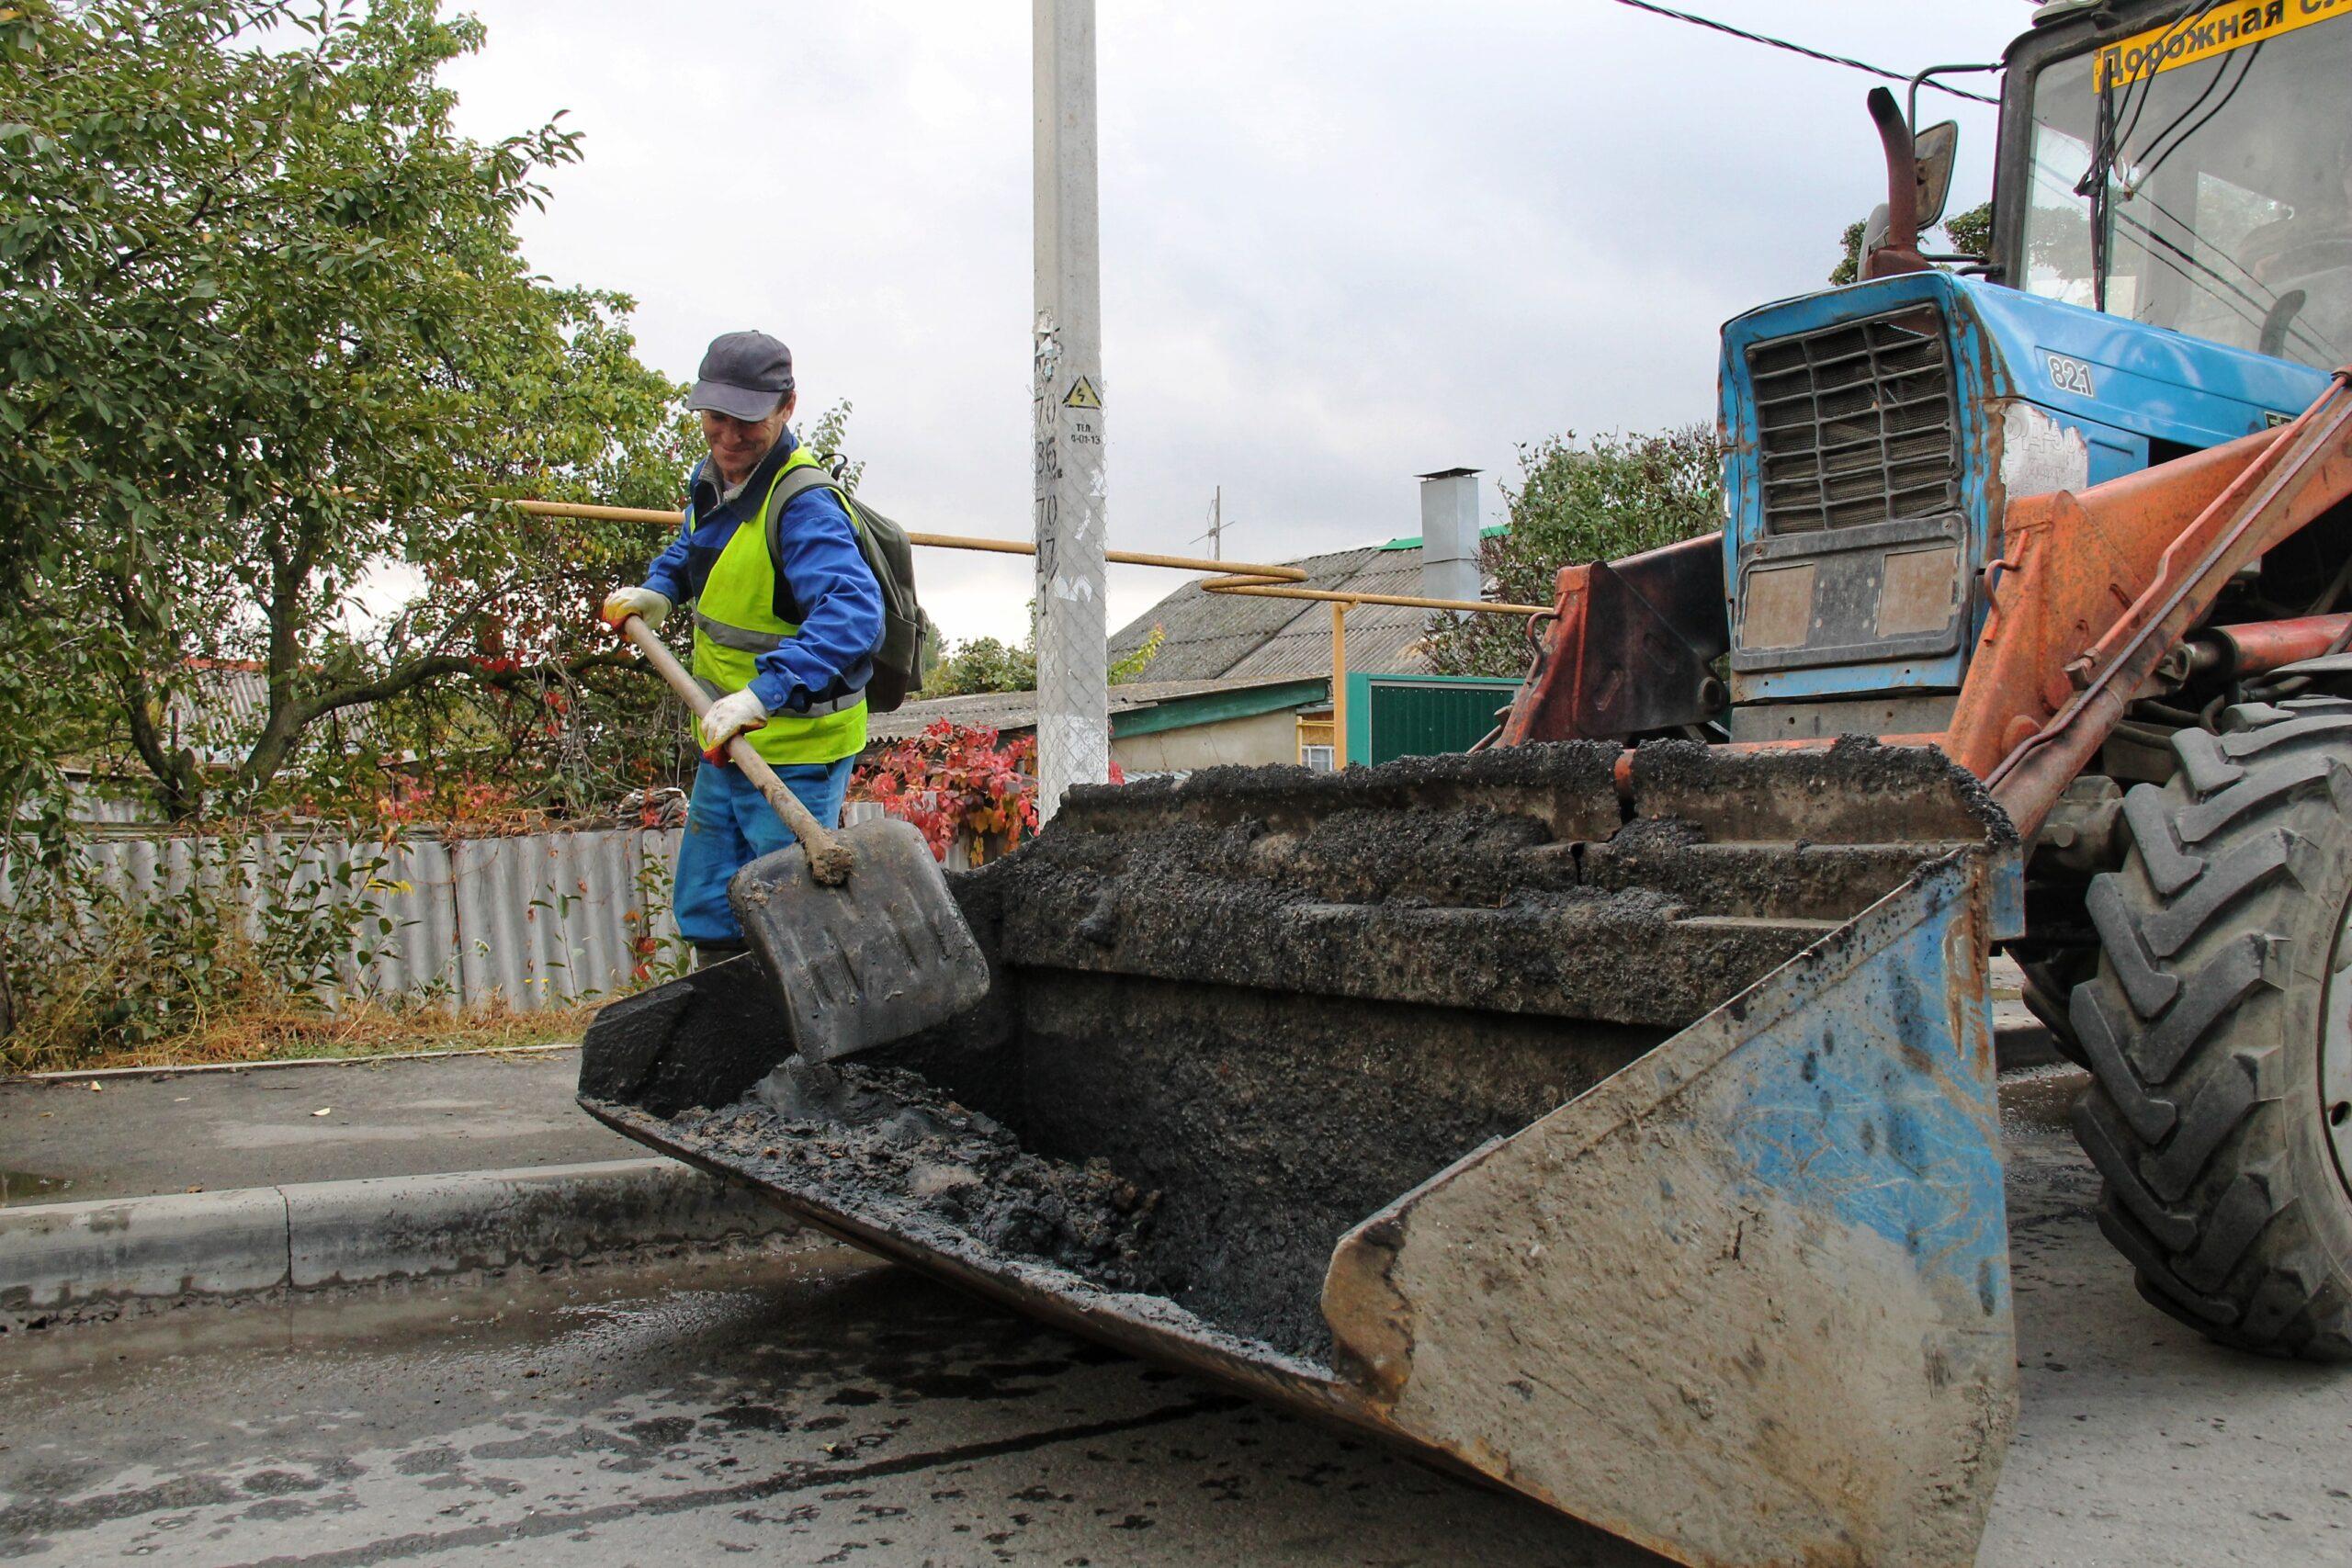 Перед наступлением сезона дождей в Азове проводится чистка городских ливневых канализаций.